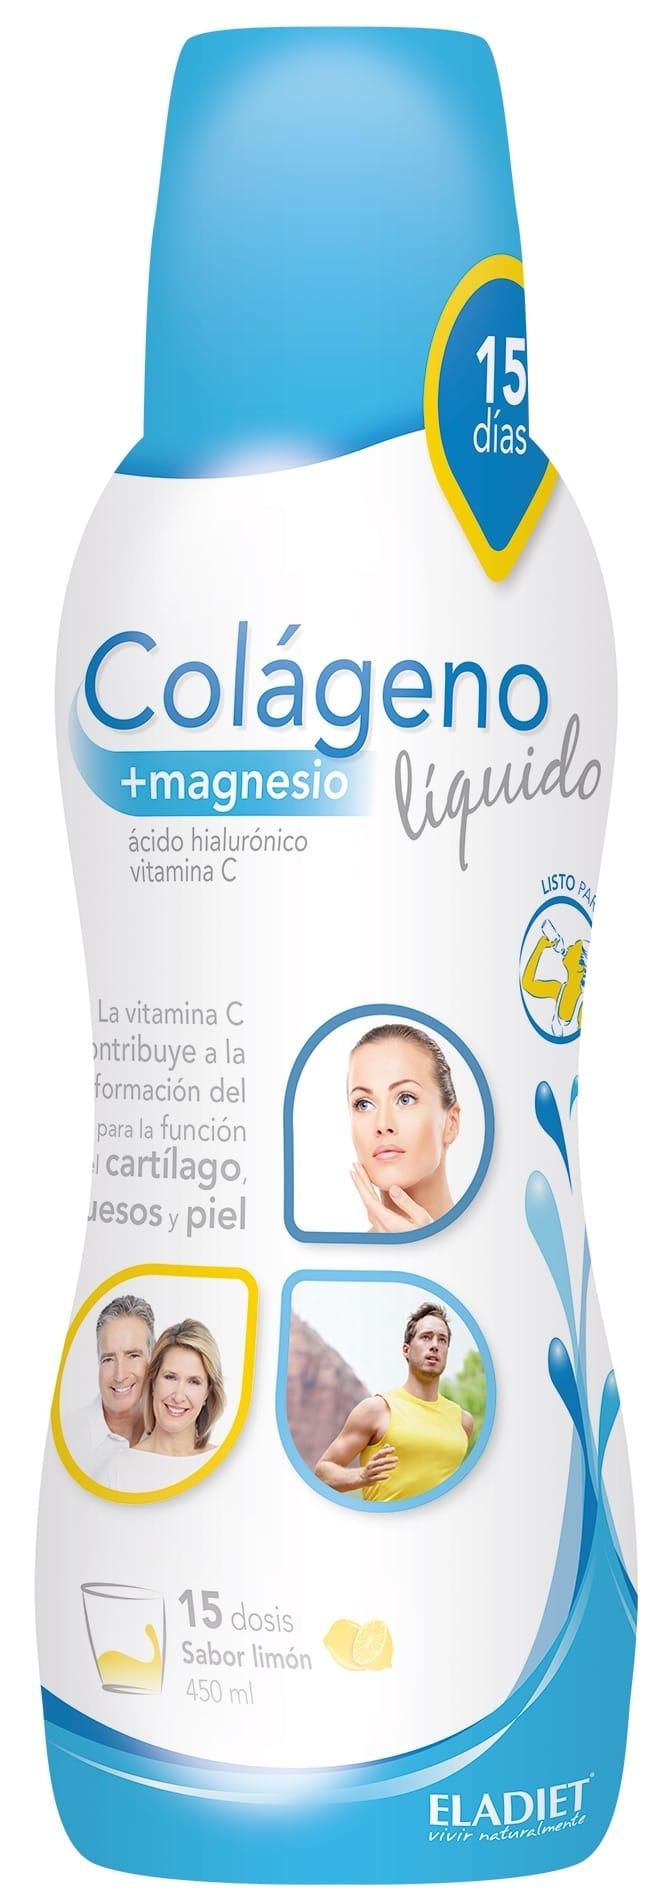 eladiet_colageno_magnesio_liquido.jpg